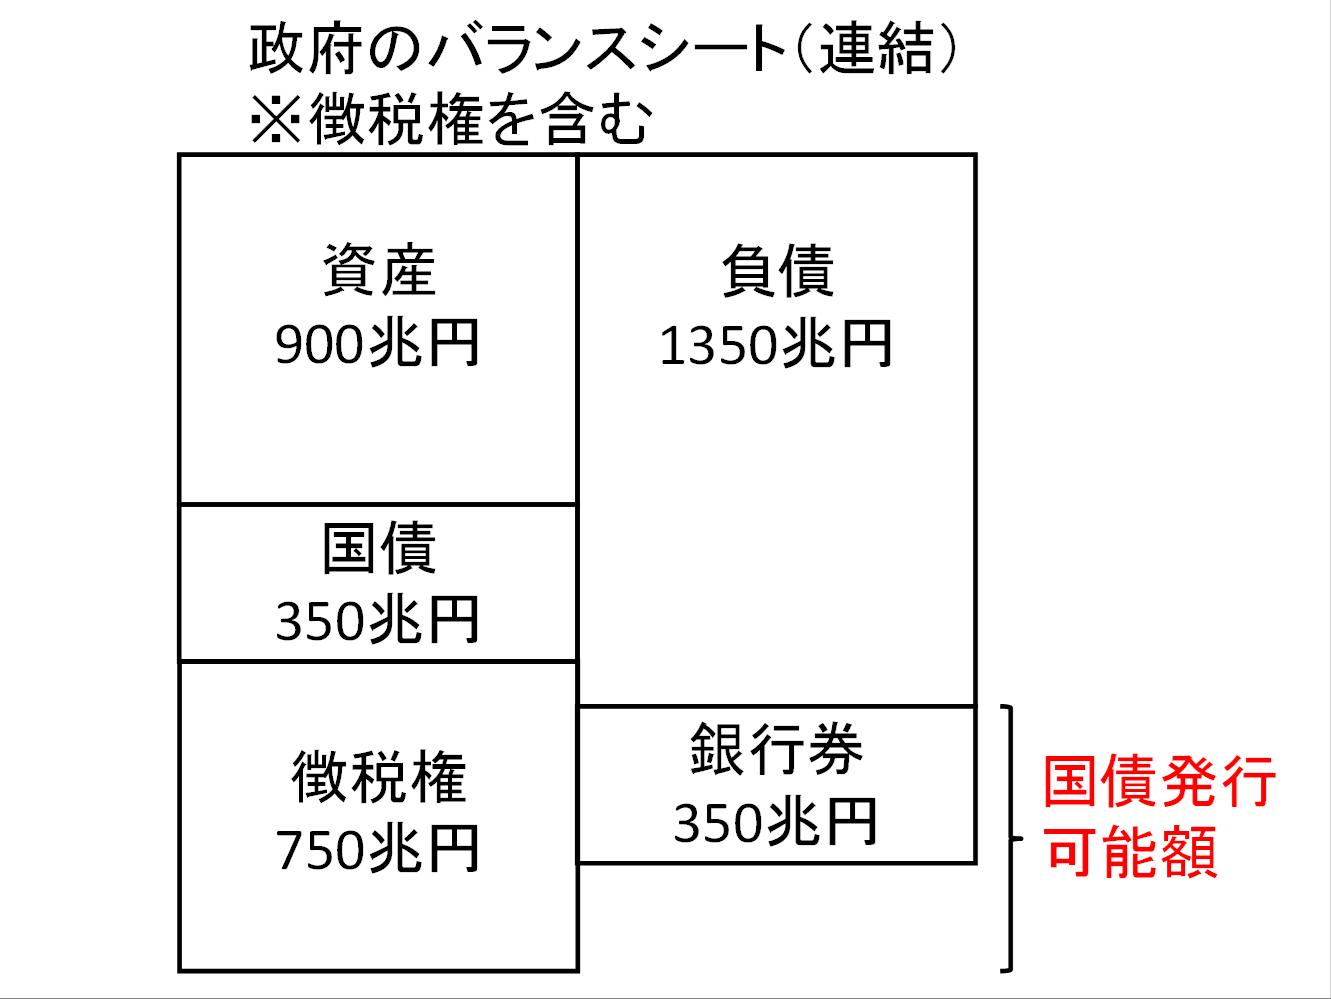 政府のBS②(連結)